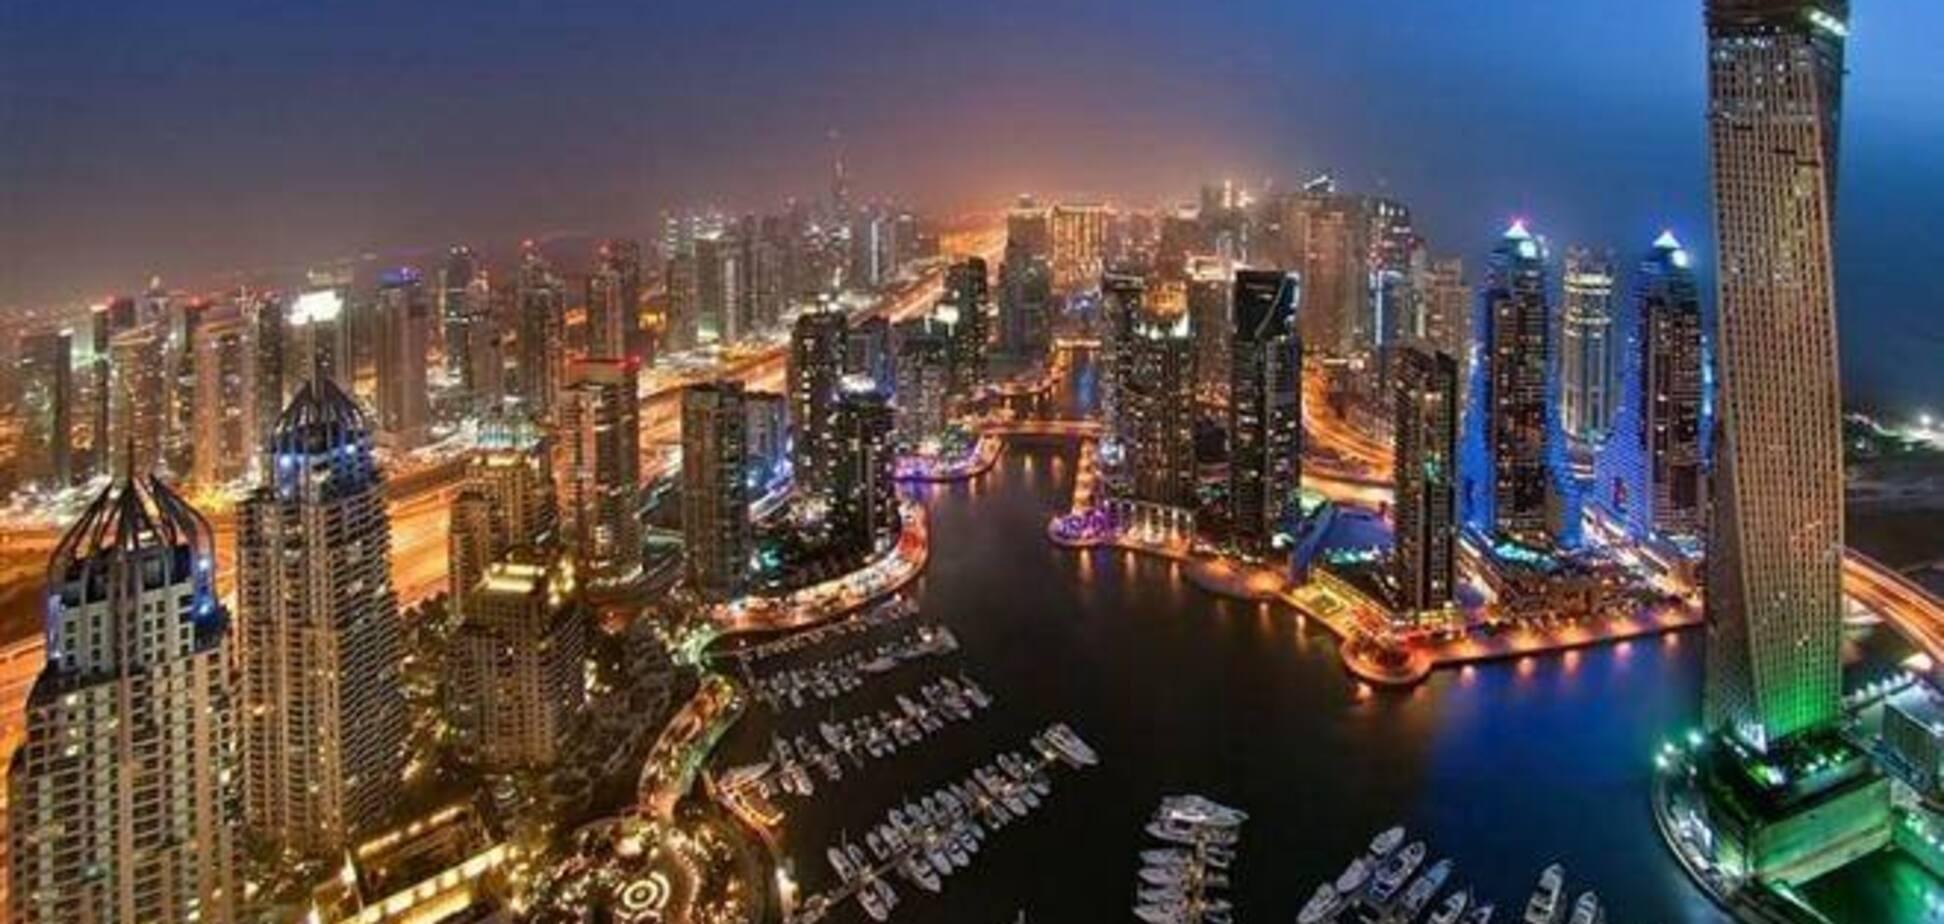 К 2015 году в Дубае будет построено 45 тысяч единиц жилья